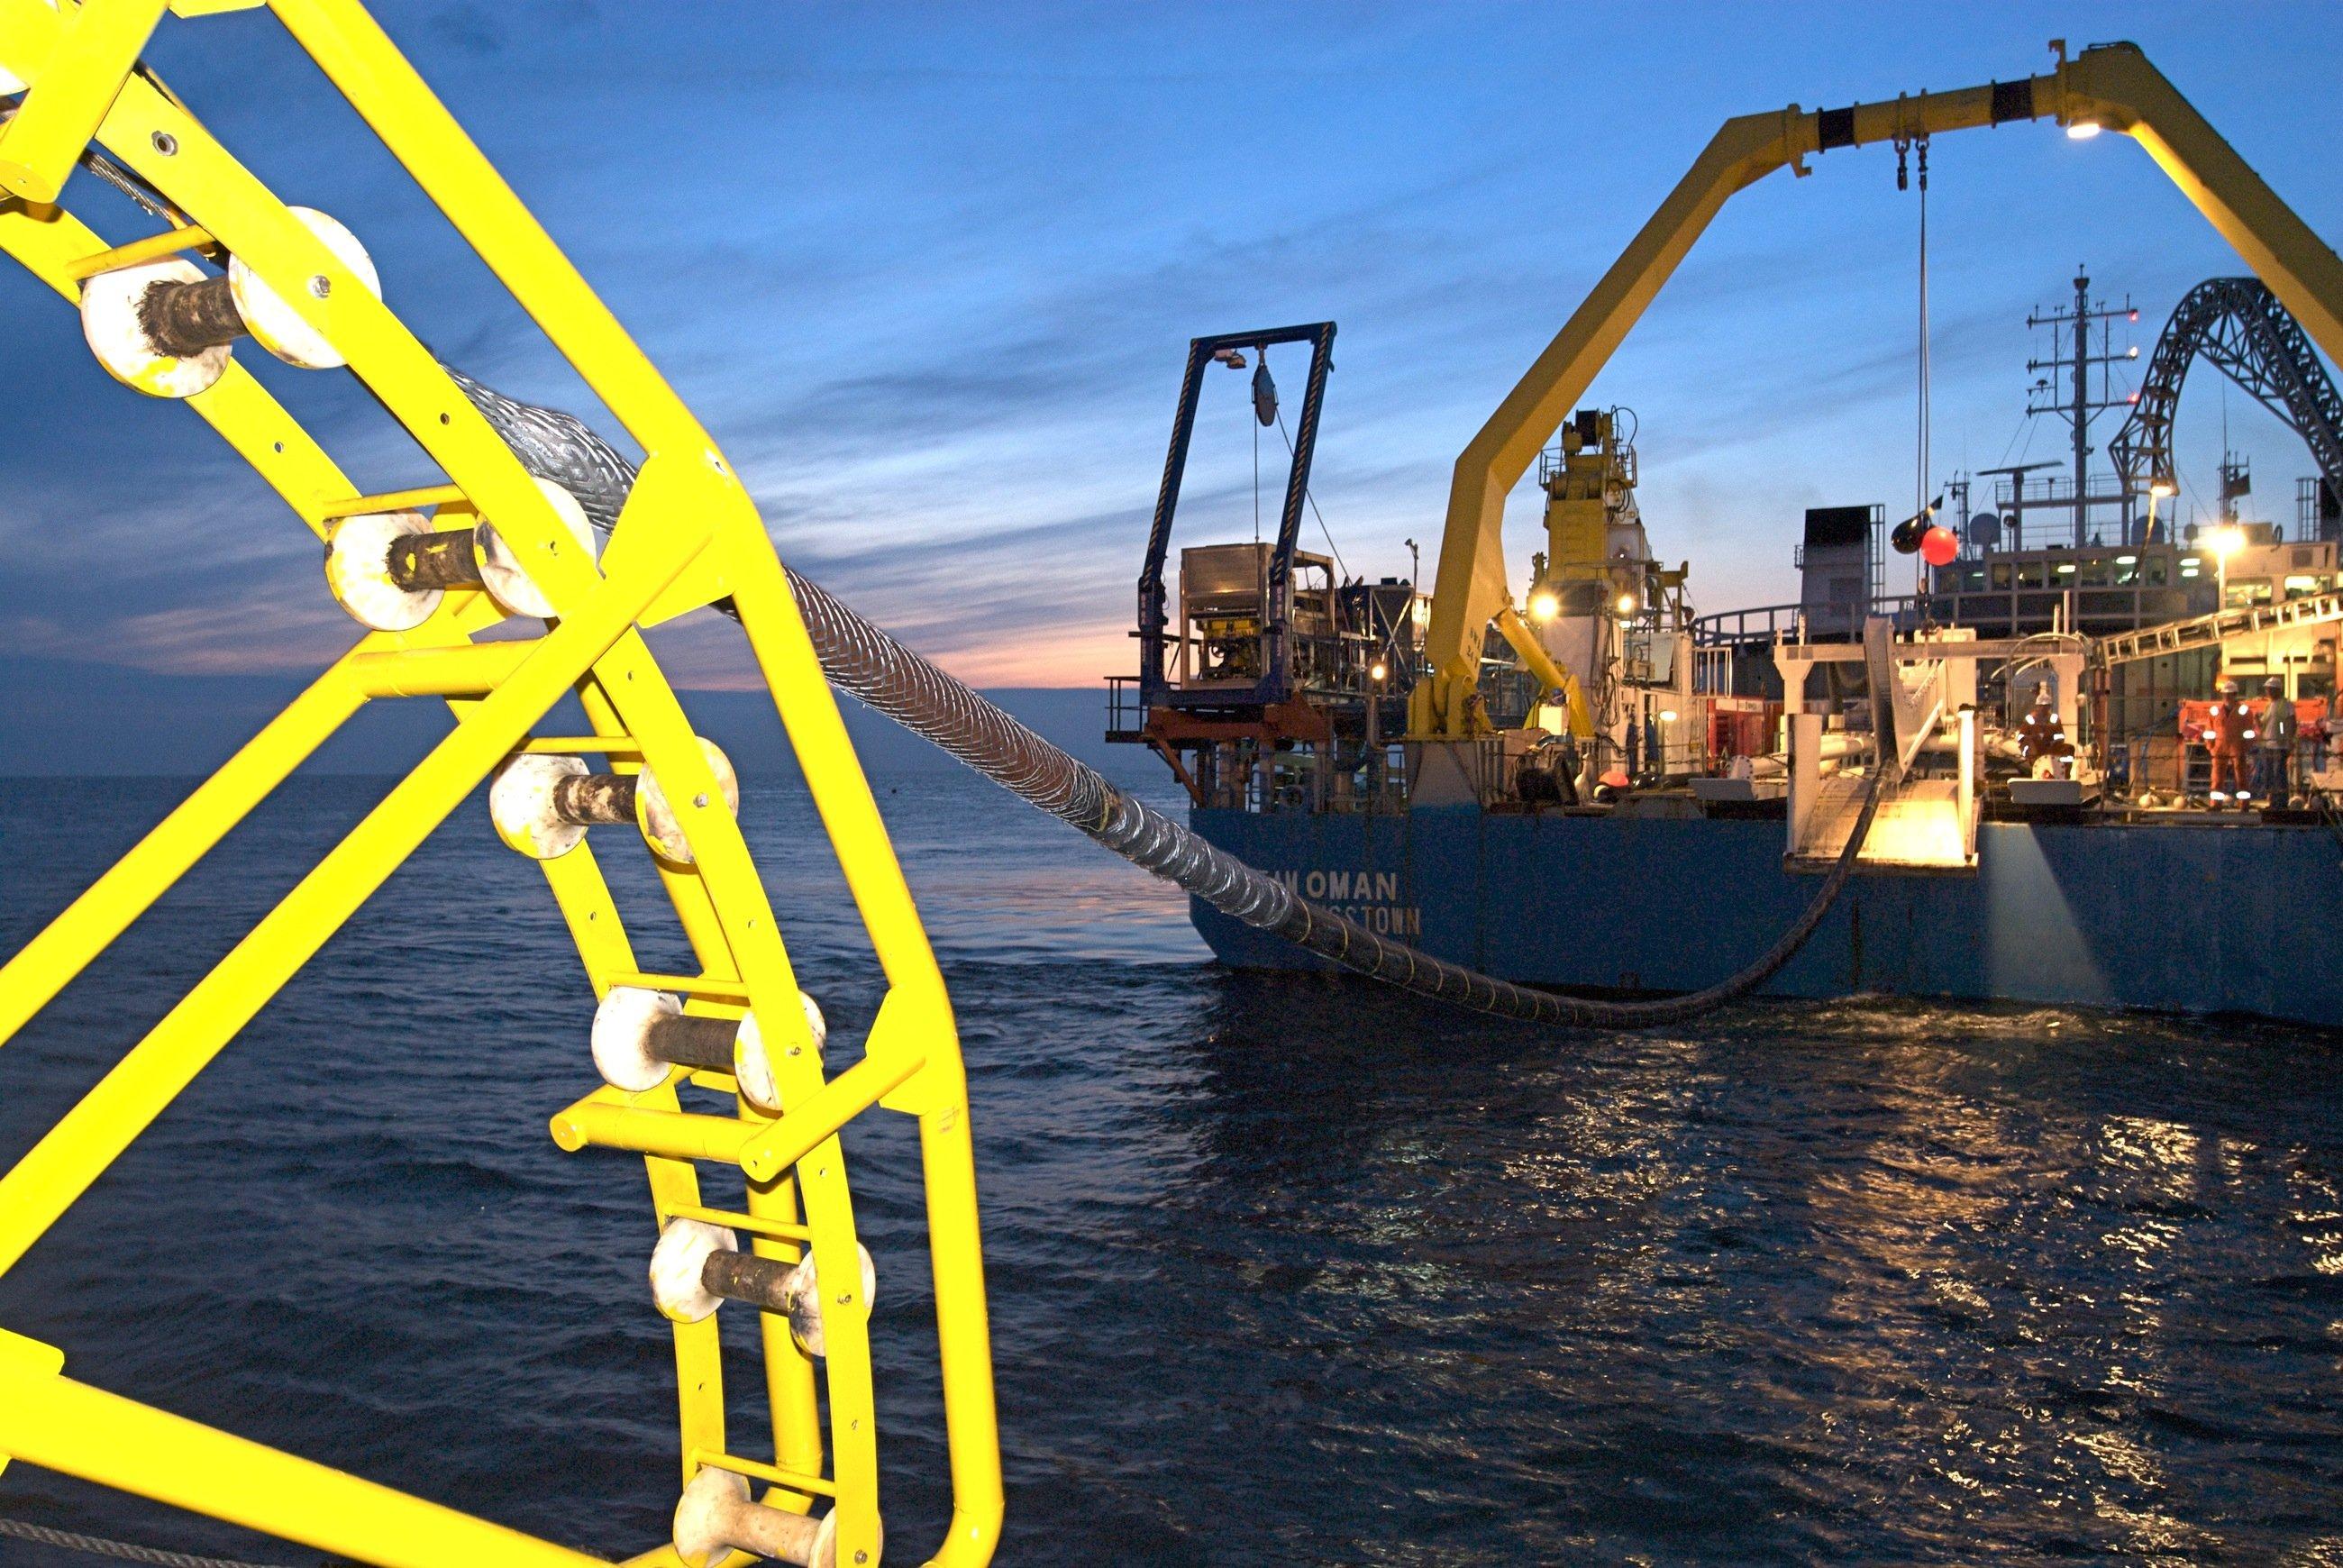 Seeverlegung einer Stromleitung in der Nordsee: Deutschland und Norwegen wollen eine Hochspannungsleitung quer durch die Nordsee legen, um Strom aus erneuerbaren Quellen auszutauschen.